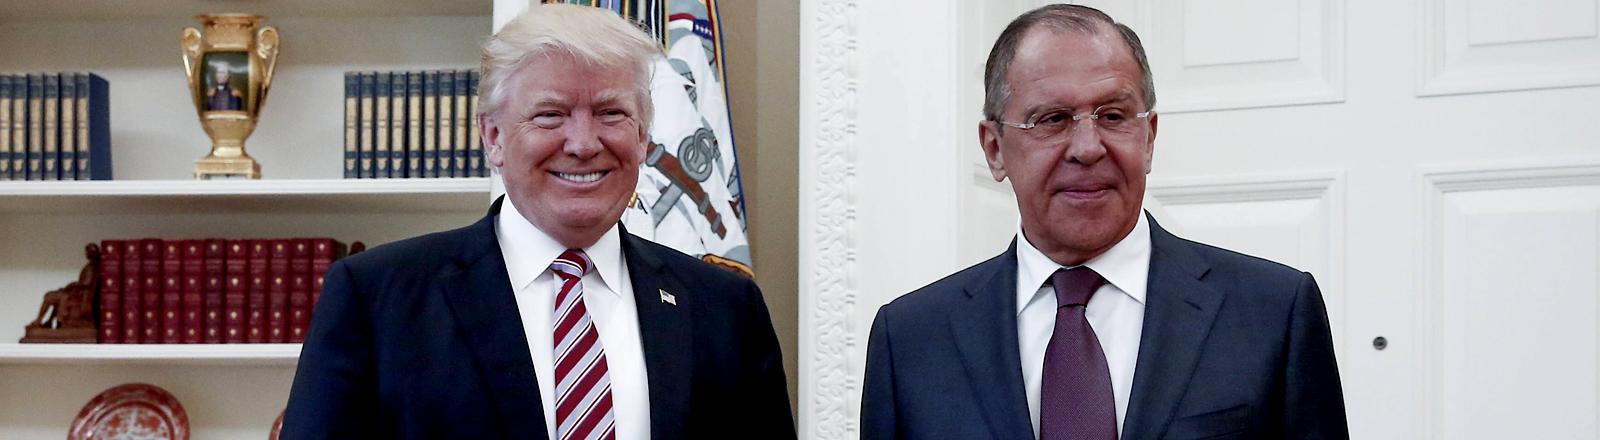 Zwei Männer - Trump und Lawrow - lächeln in die Kameras.